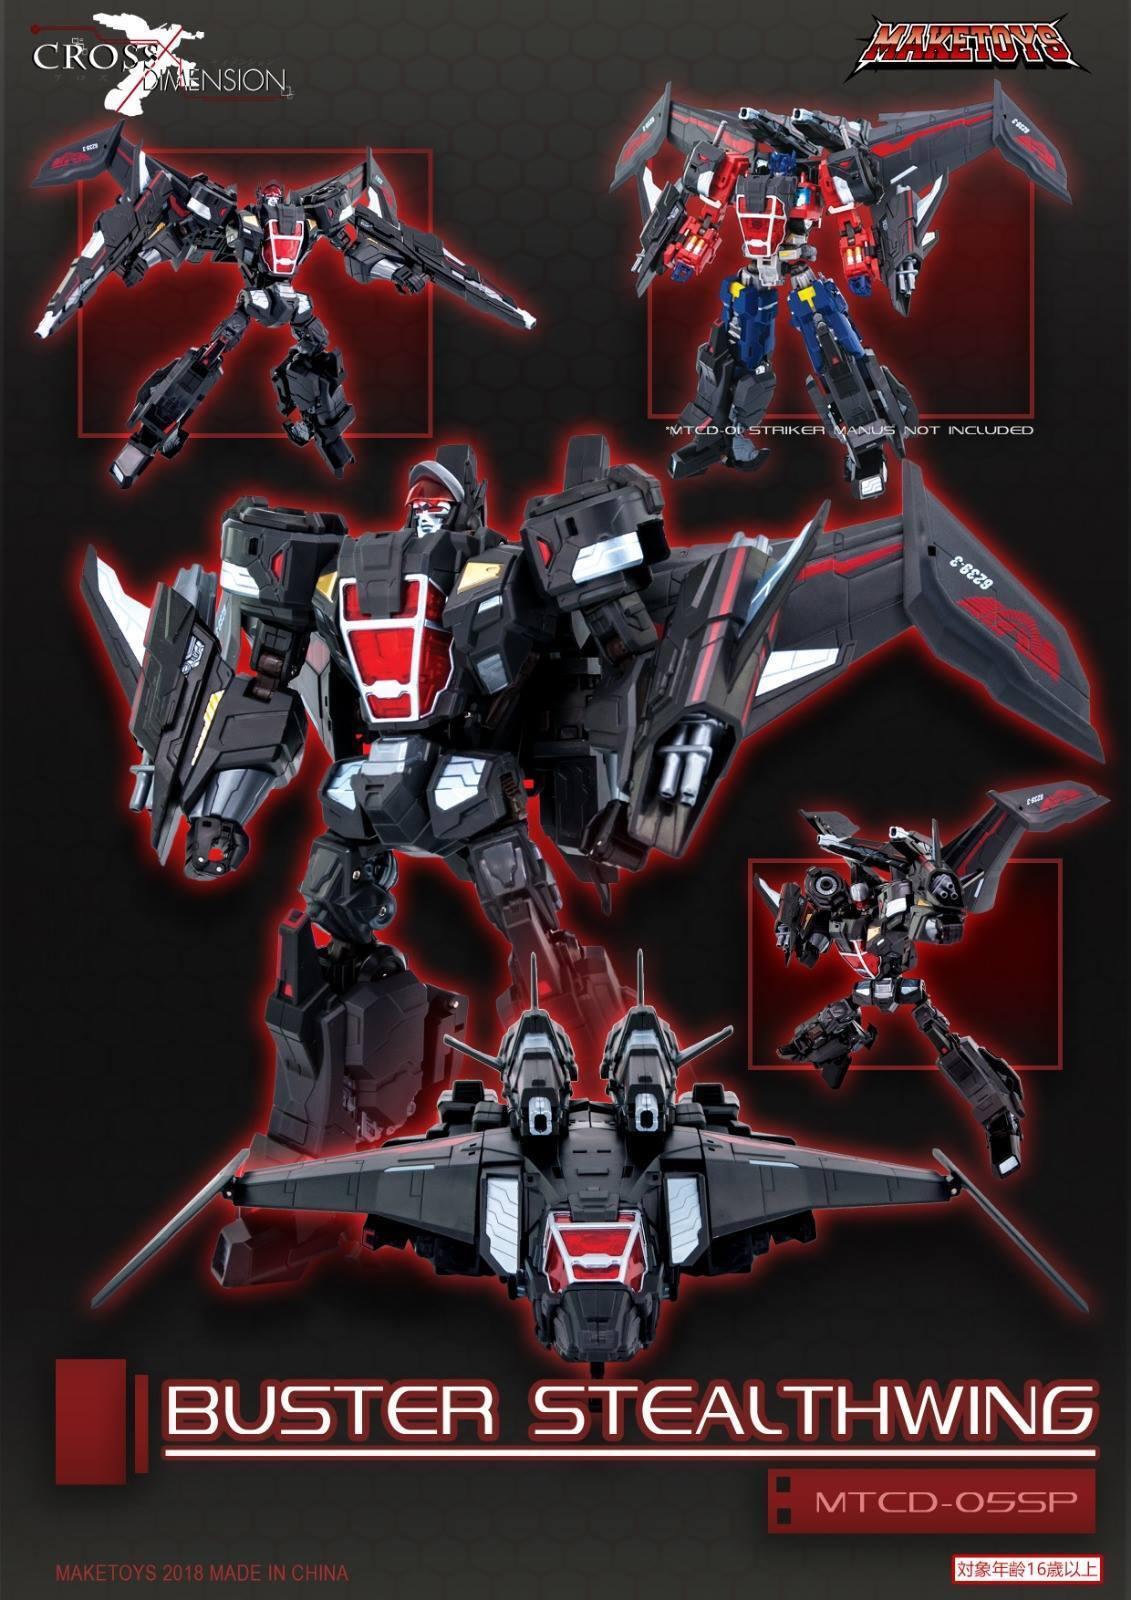 [giocattoli Hero] In he Transformers renderegiocattoli MTCD-05SP autoautobuster cielowing  THe tfire  la migliore offerta del negozio online